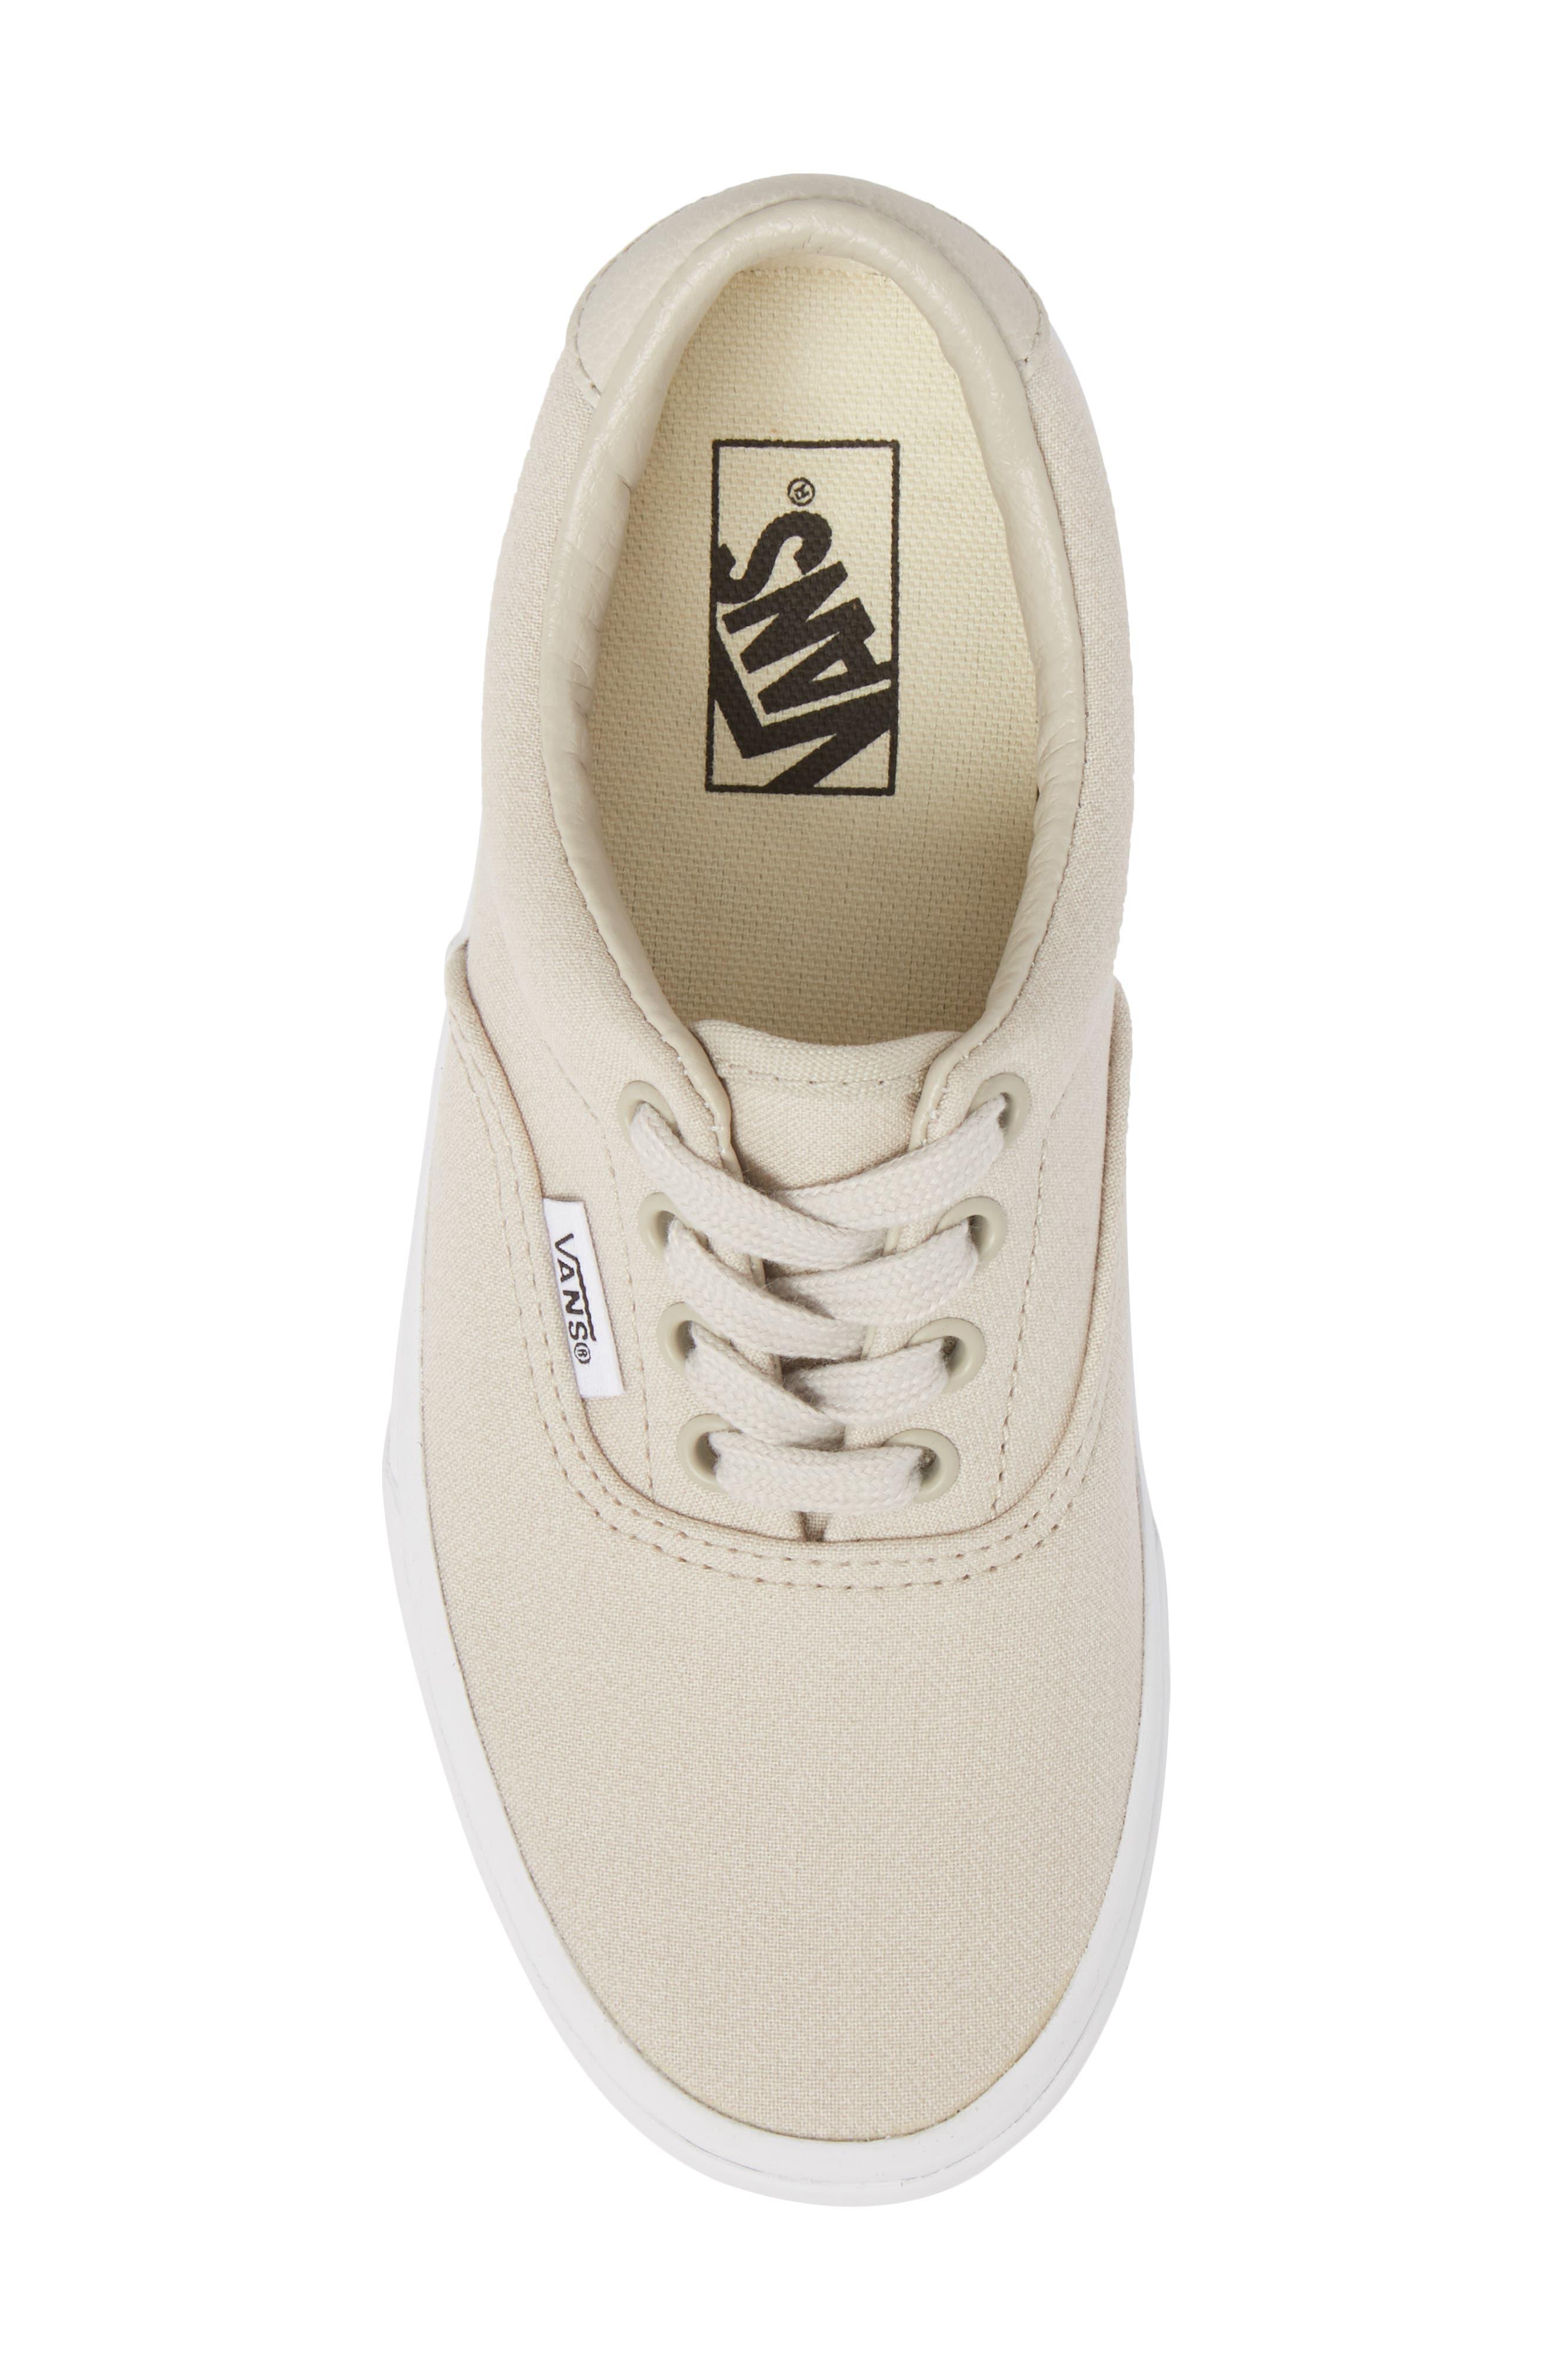 Era 59 Bleacher Sneaker,                             Alternate thumbnail 5, color,                             Silver Lining/ True White